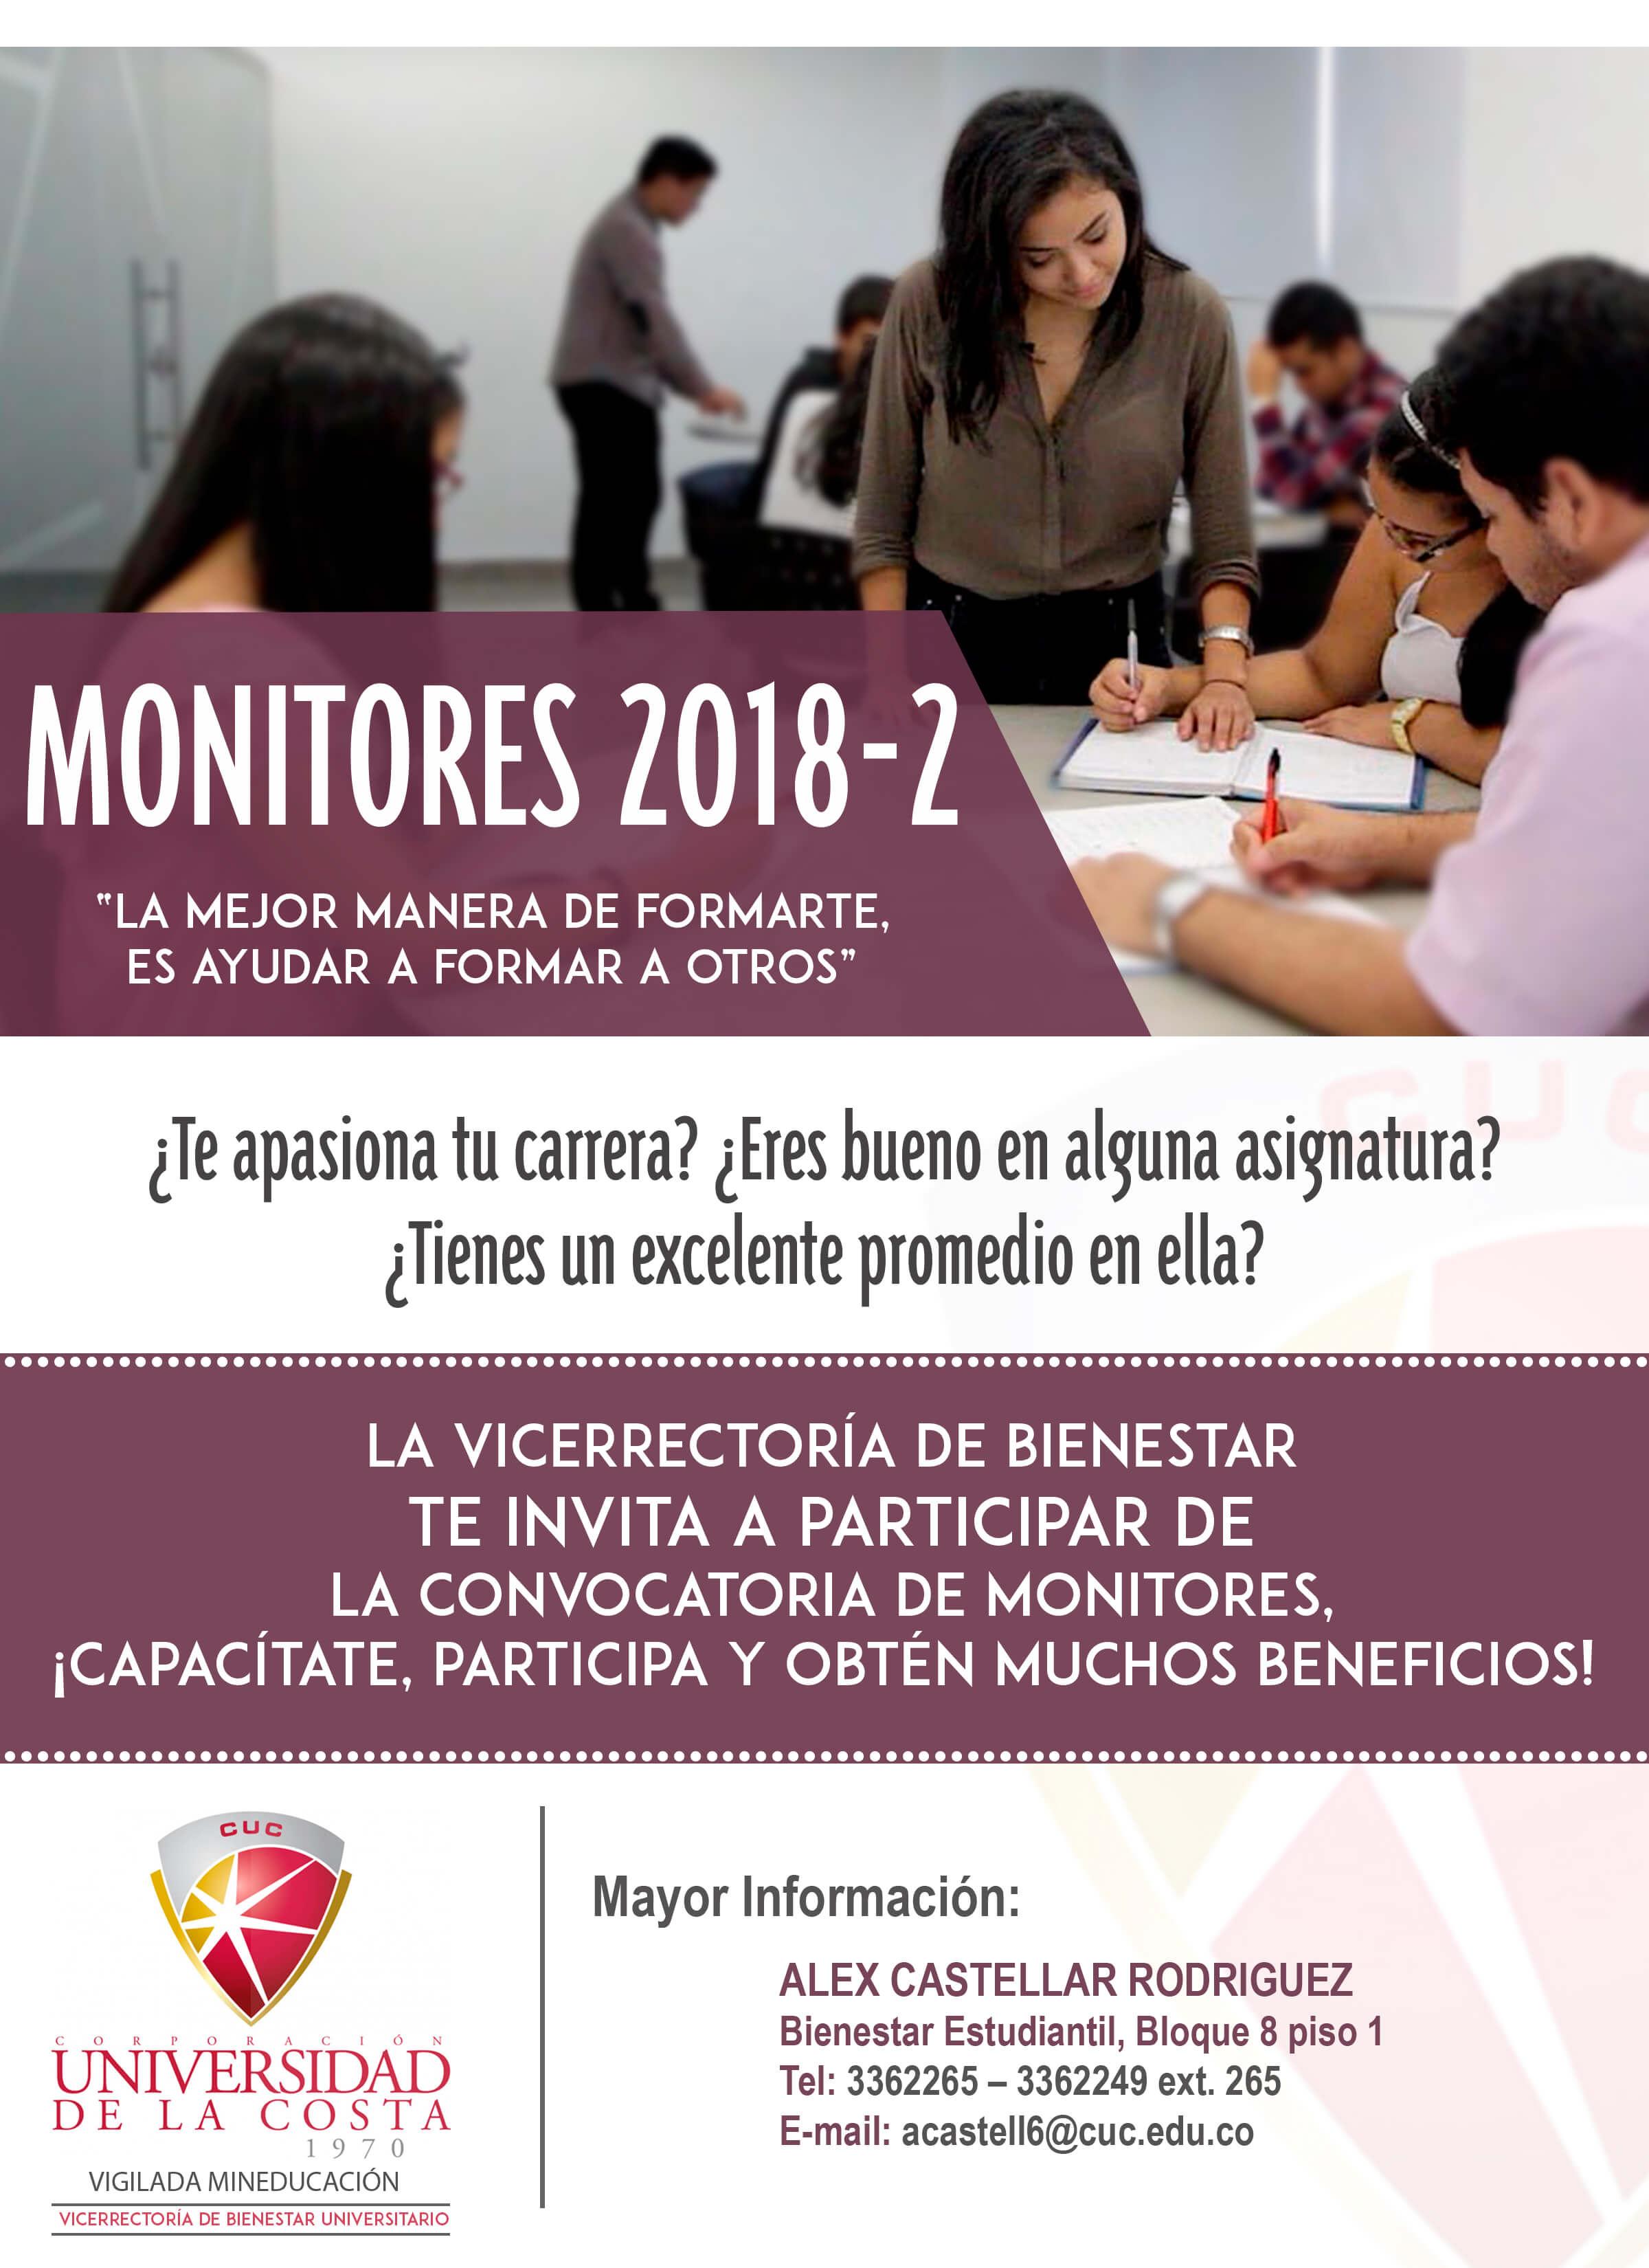 monitores flayer convocatoria 2018 2